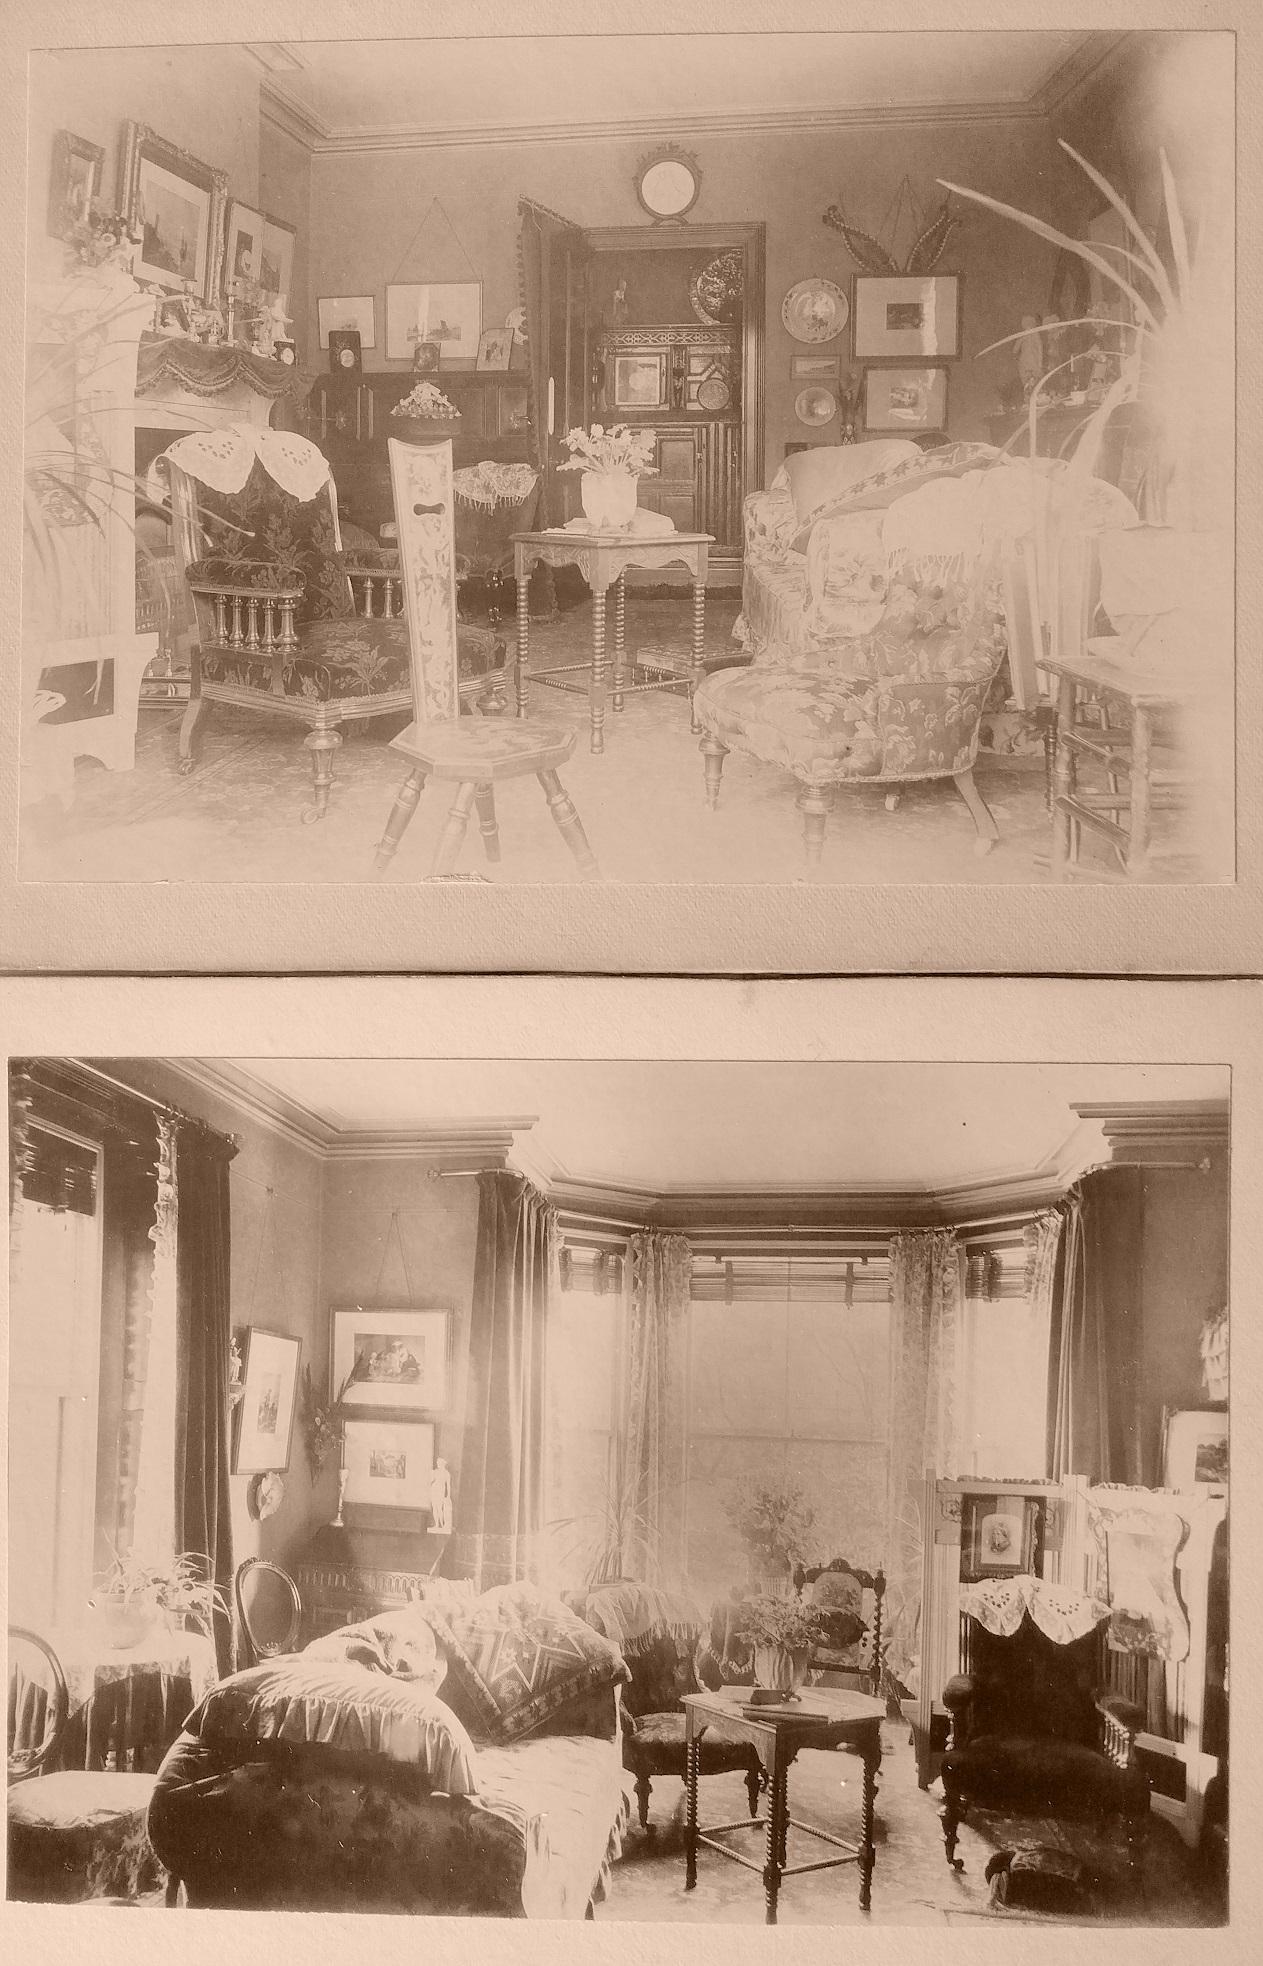 Consett History - Oakfield House interior c1890 - Consett Heritage History